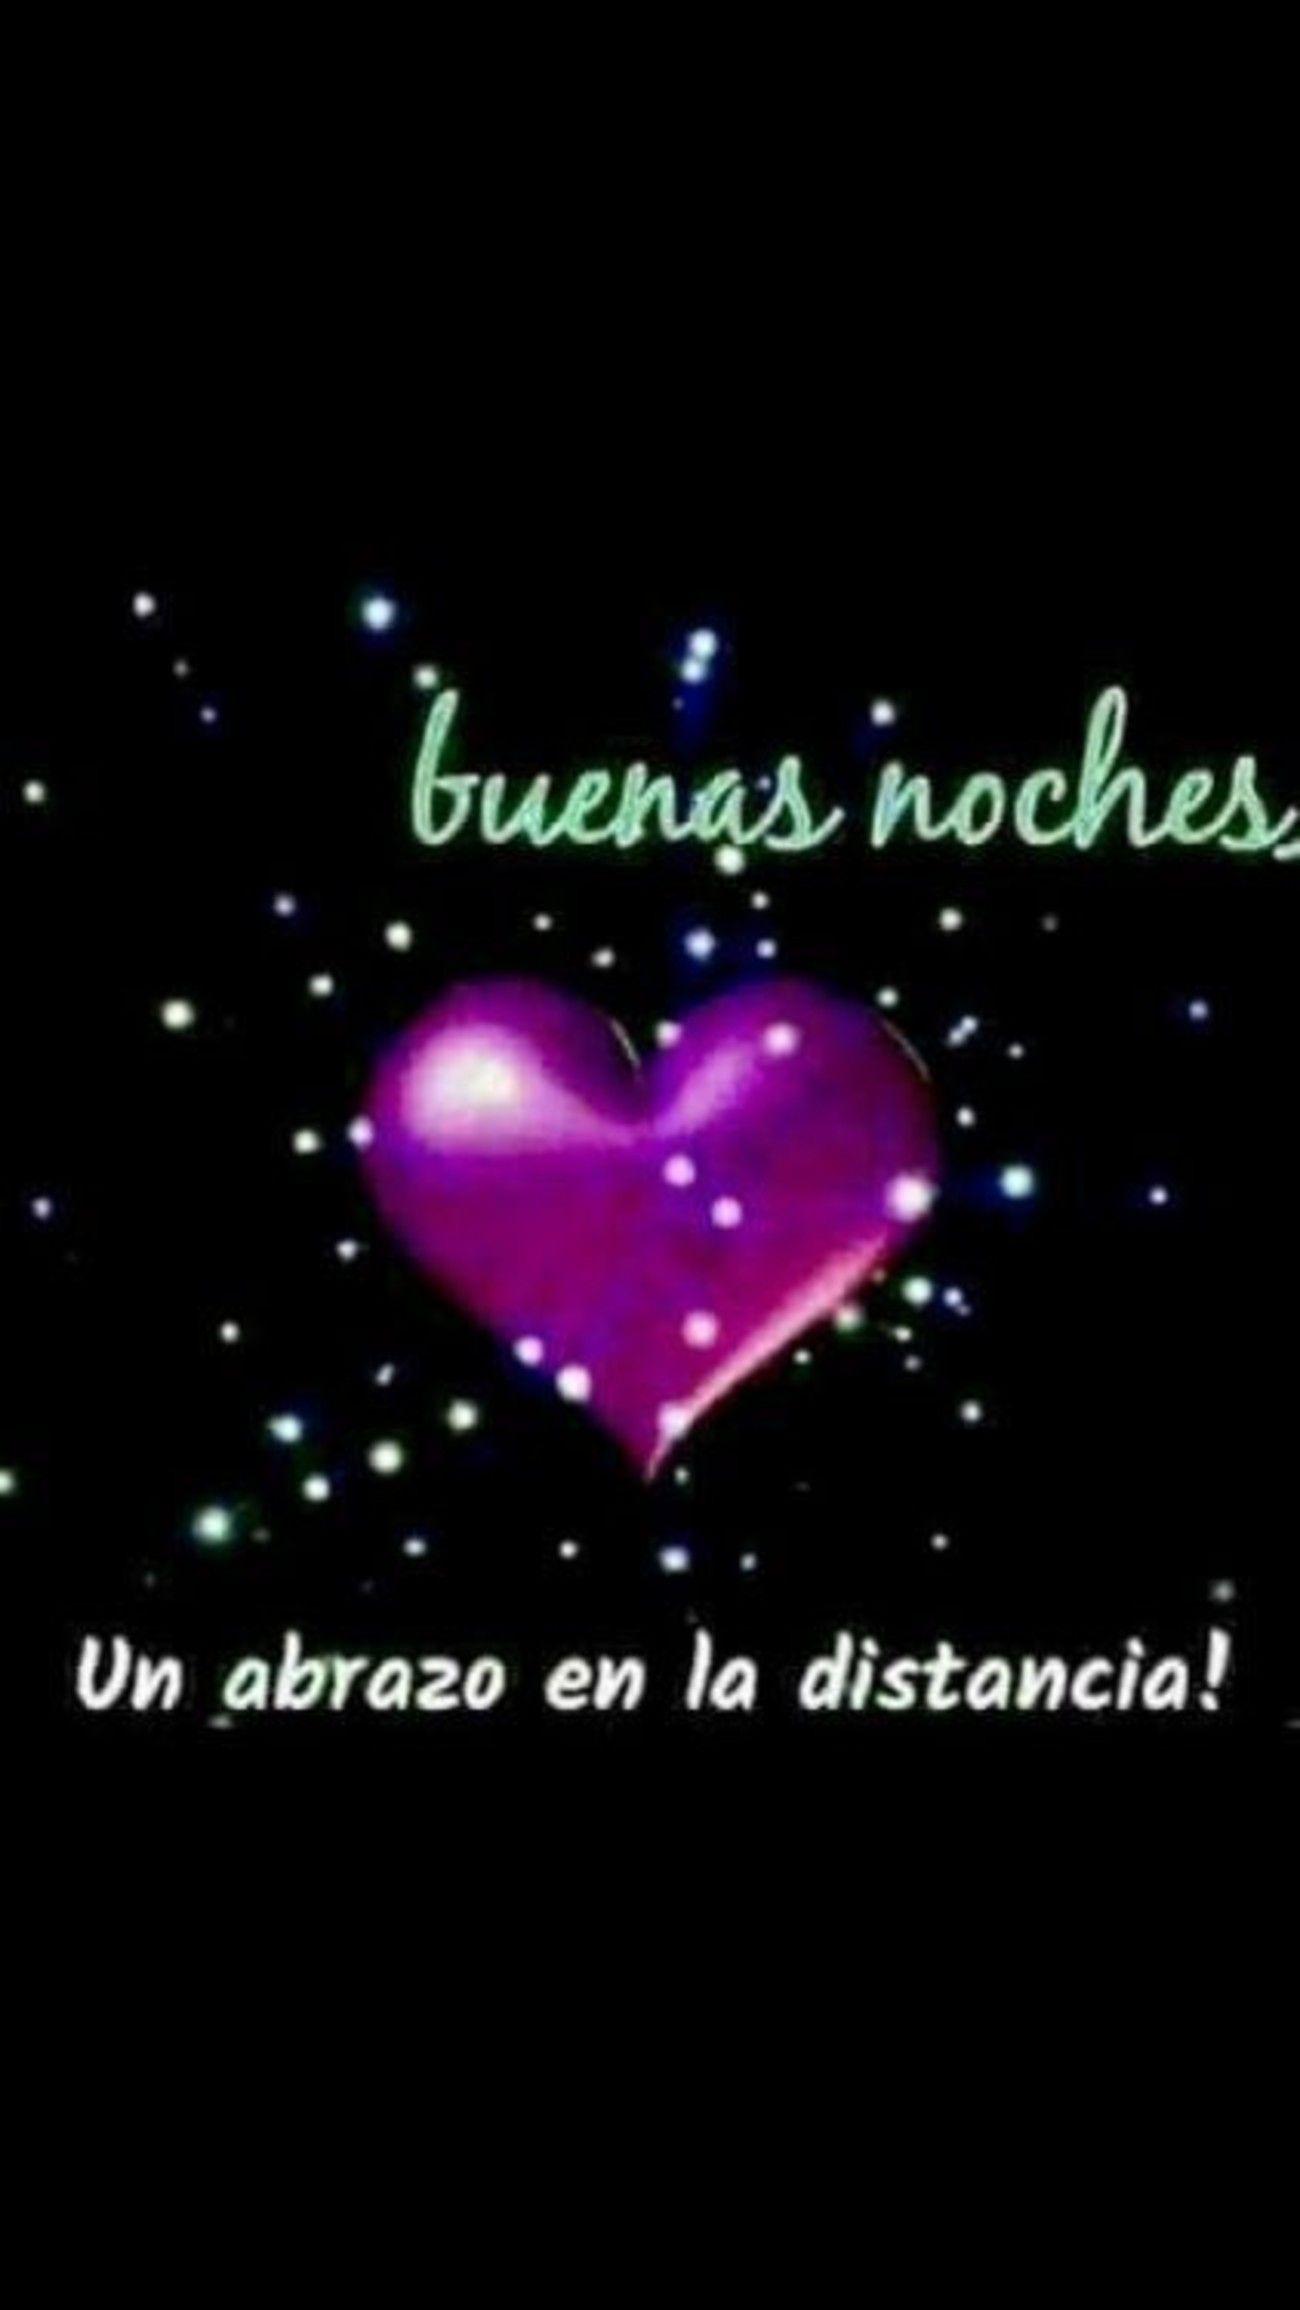 Buenas Noches Amigos Bonitasimagenes Net Postales De Buenas Noches Buenas Noches Bendiciones Pensamientos De Buenas Noches